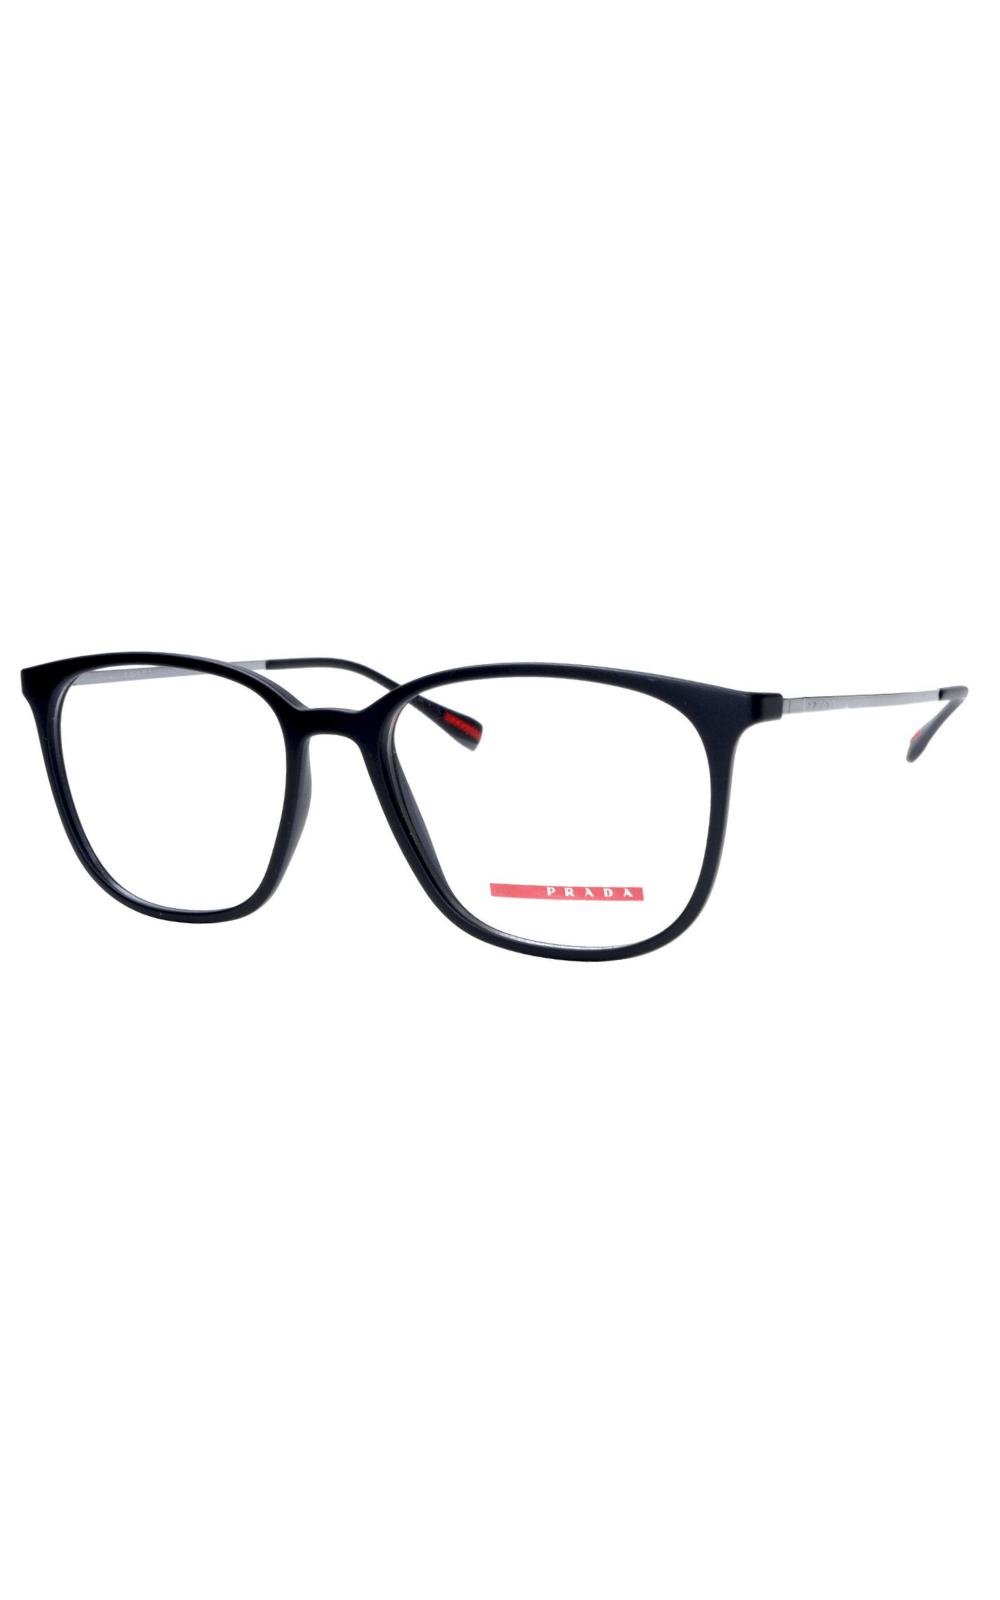 Foto 1 - Óculos de Grau Prada 03 I DGO-1O1